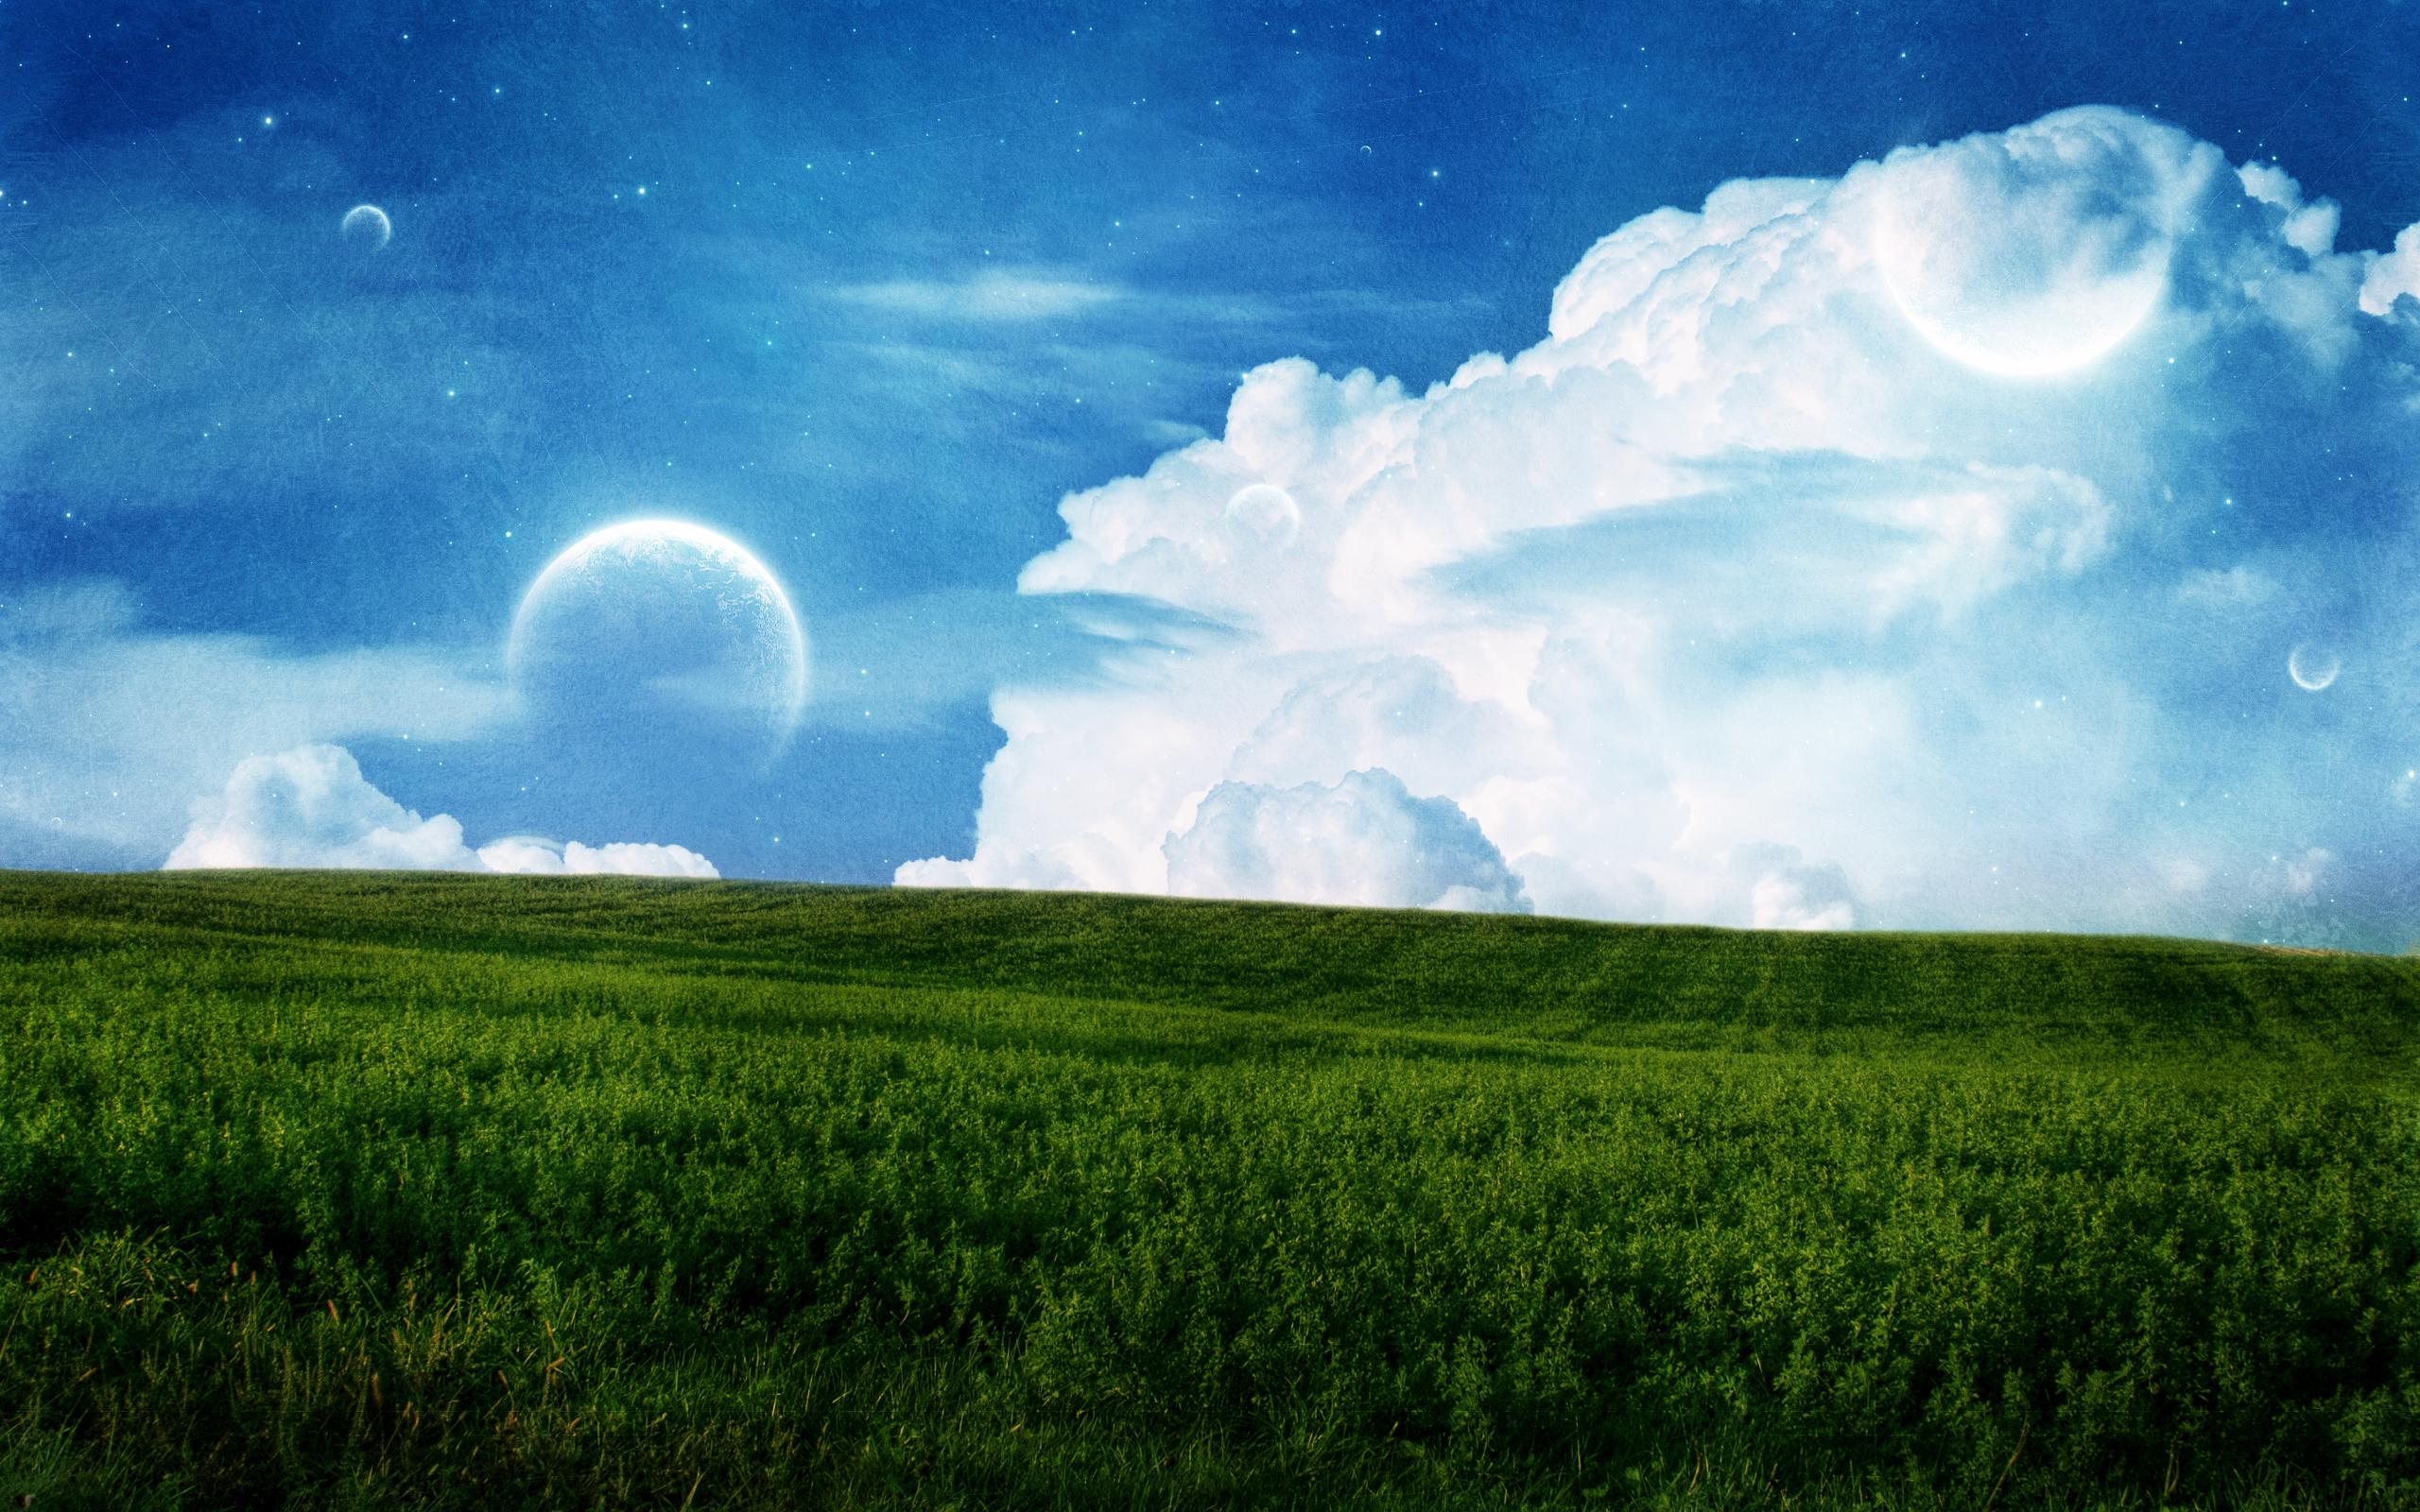 planet wallpaper 23330